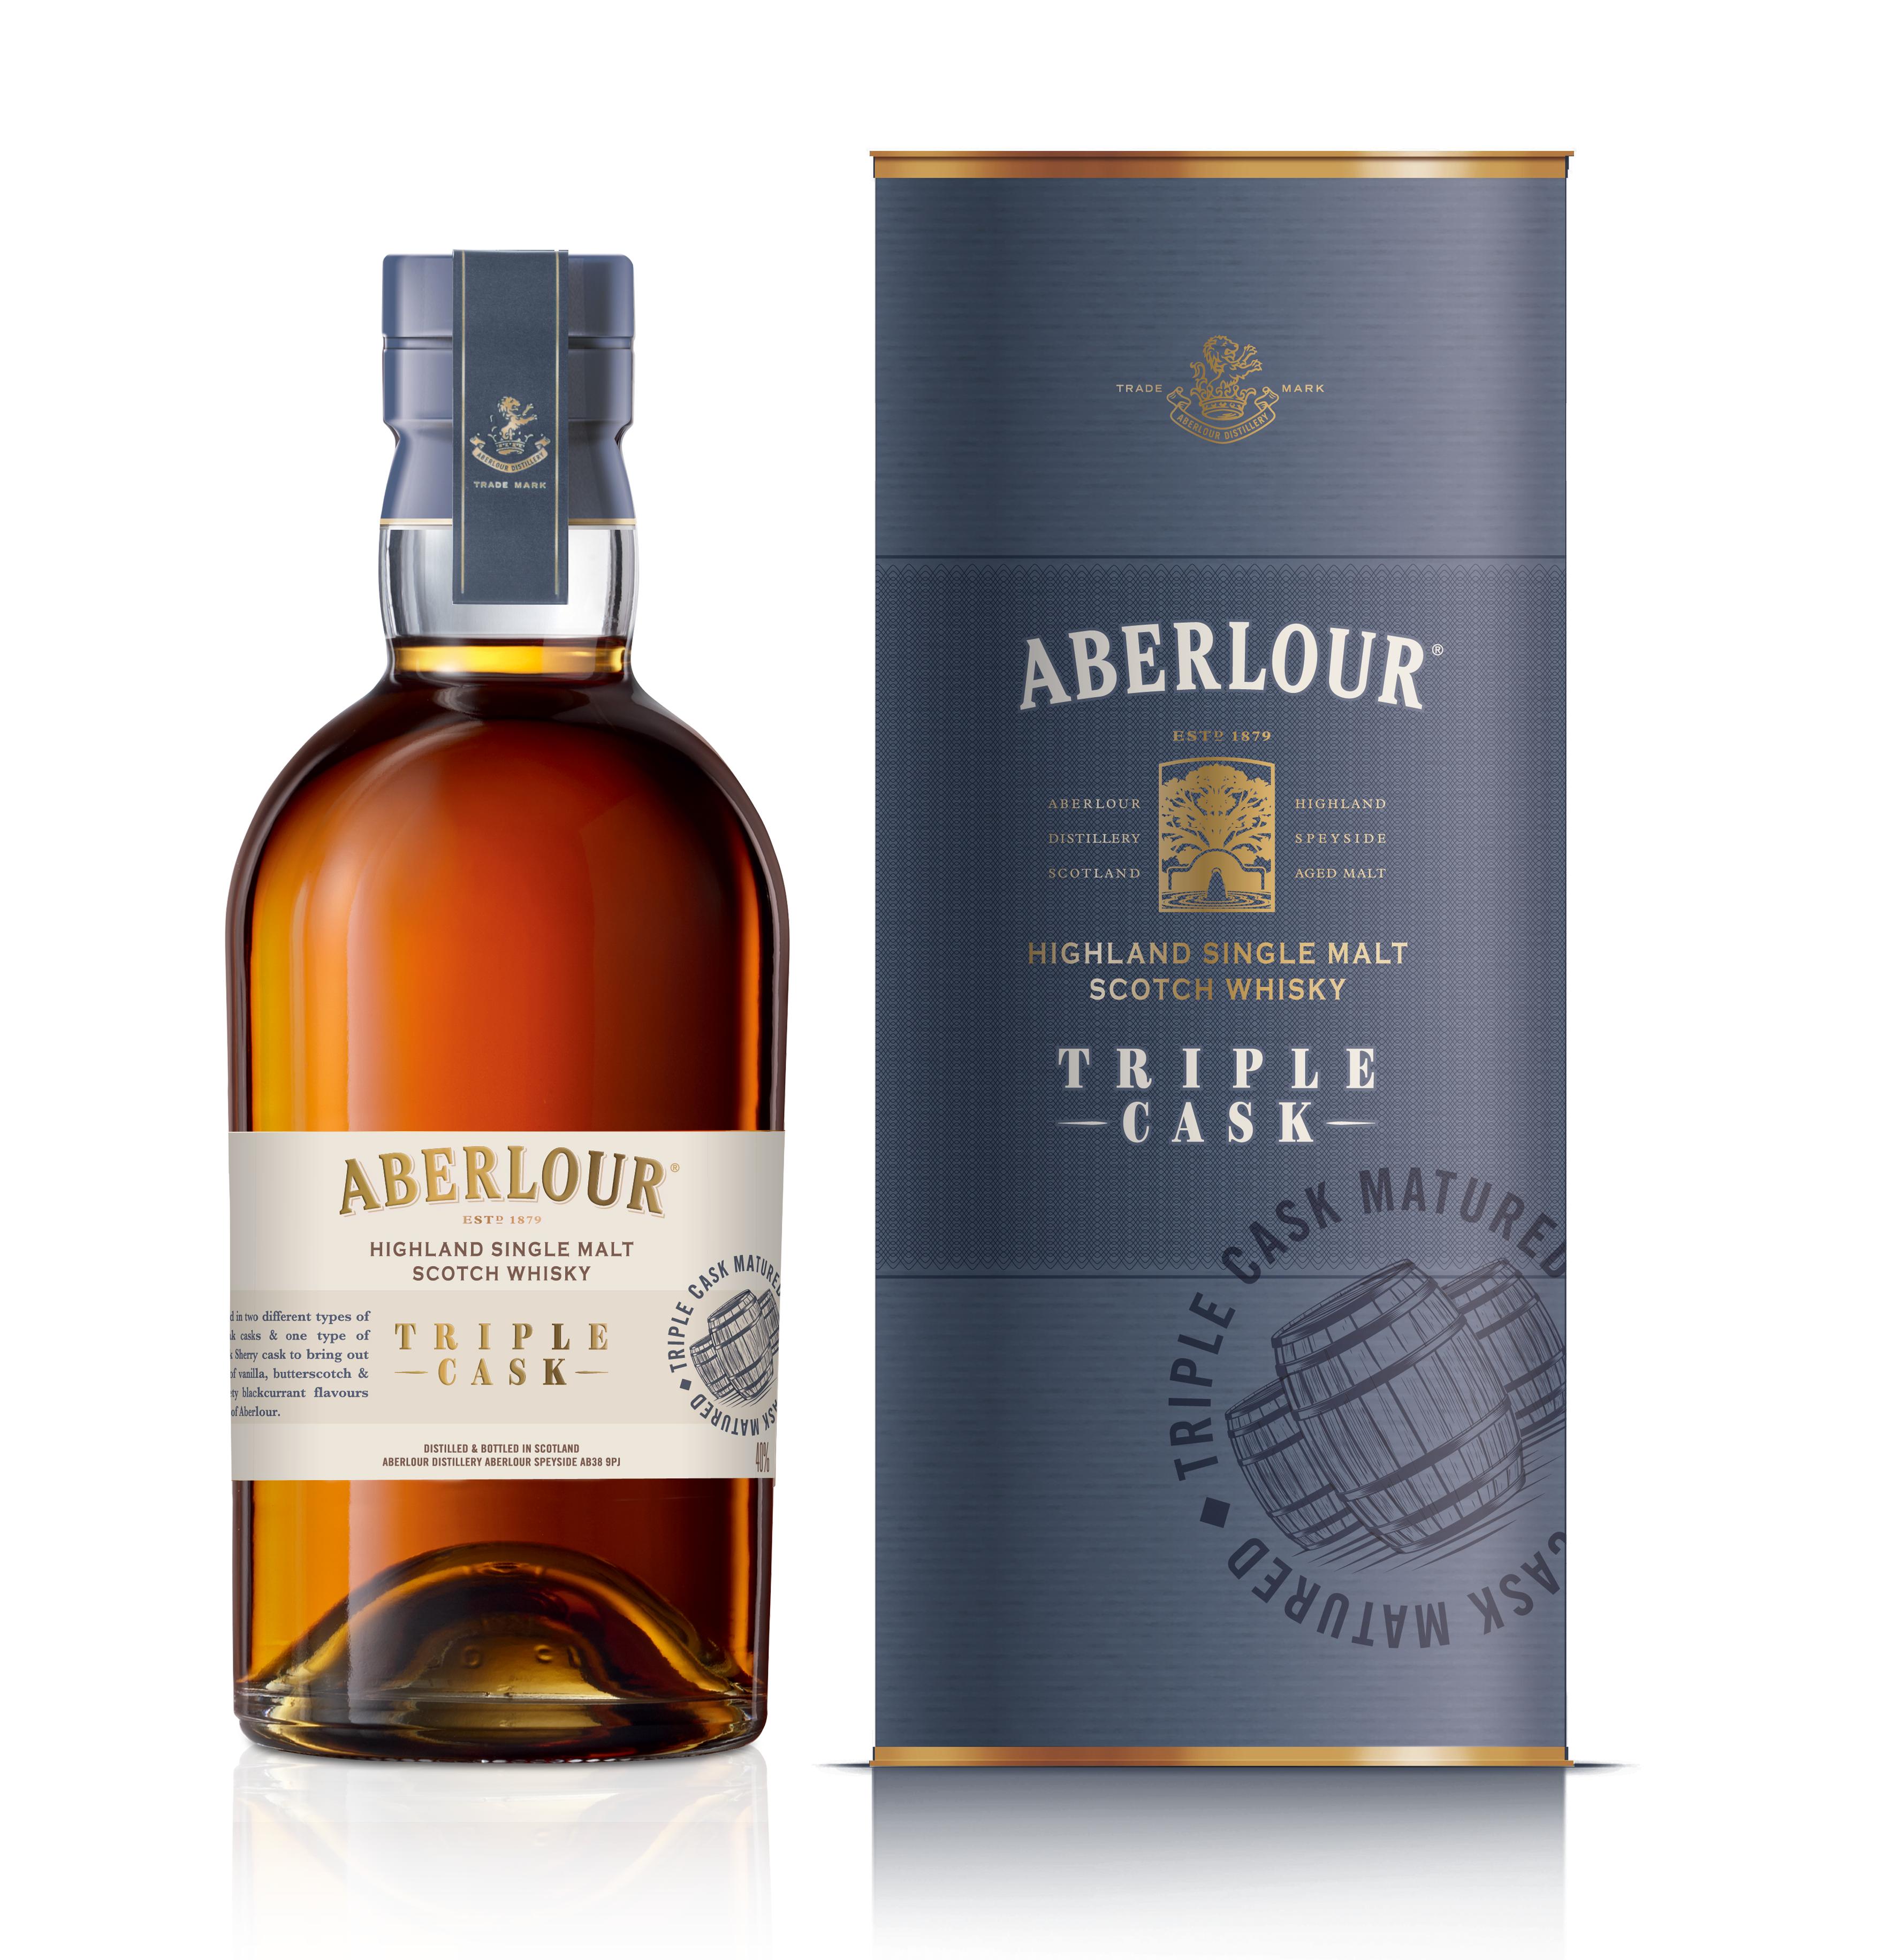 Aberlour-Triple-Cask-bouteille-et-canister2